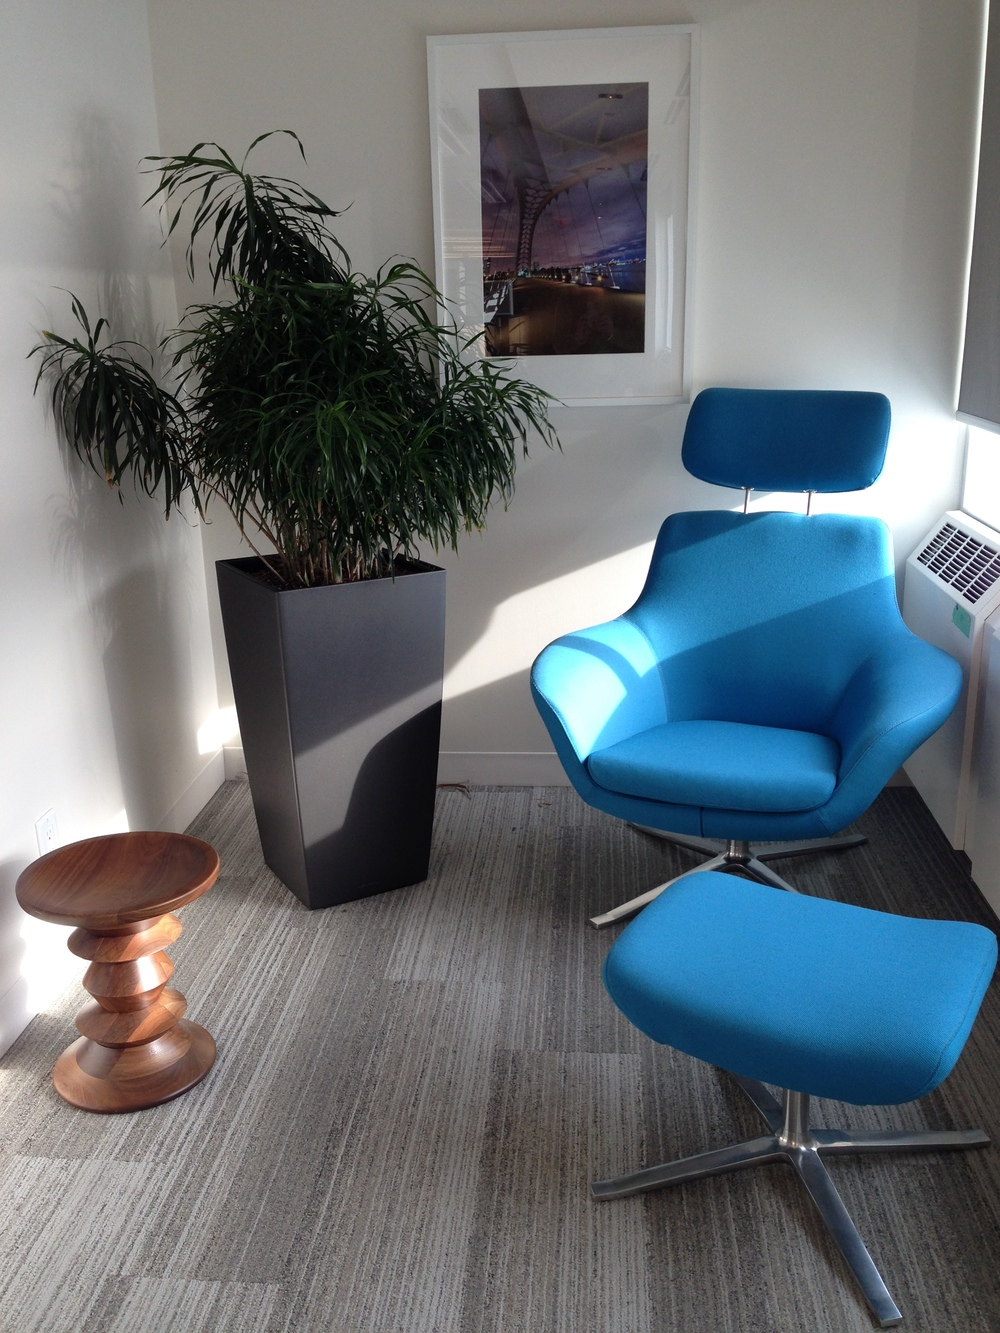 Blue Chair and Medusa.jpg